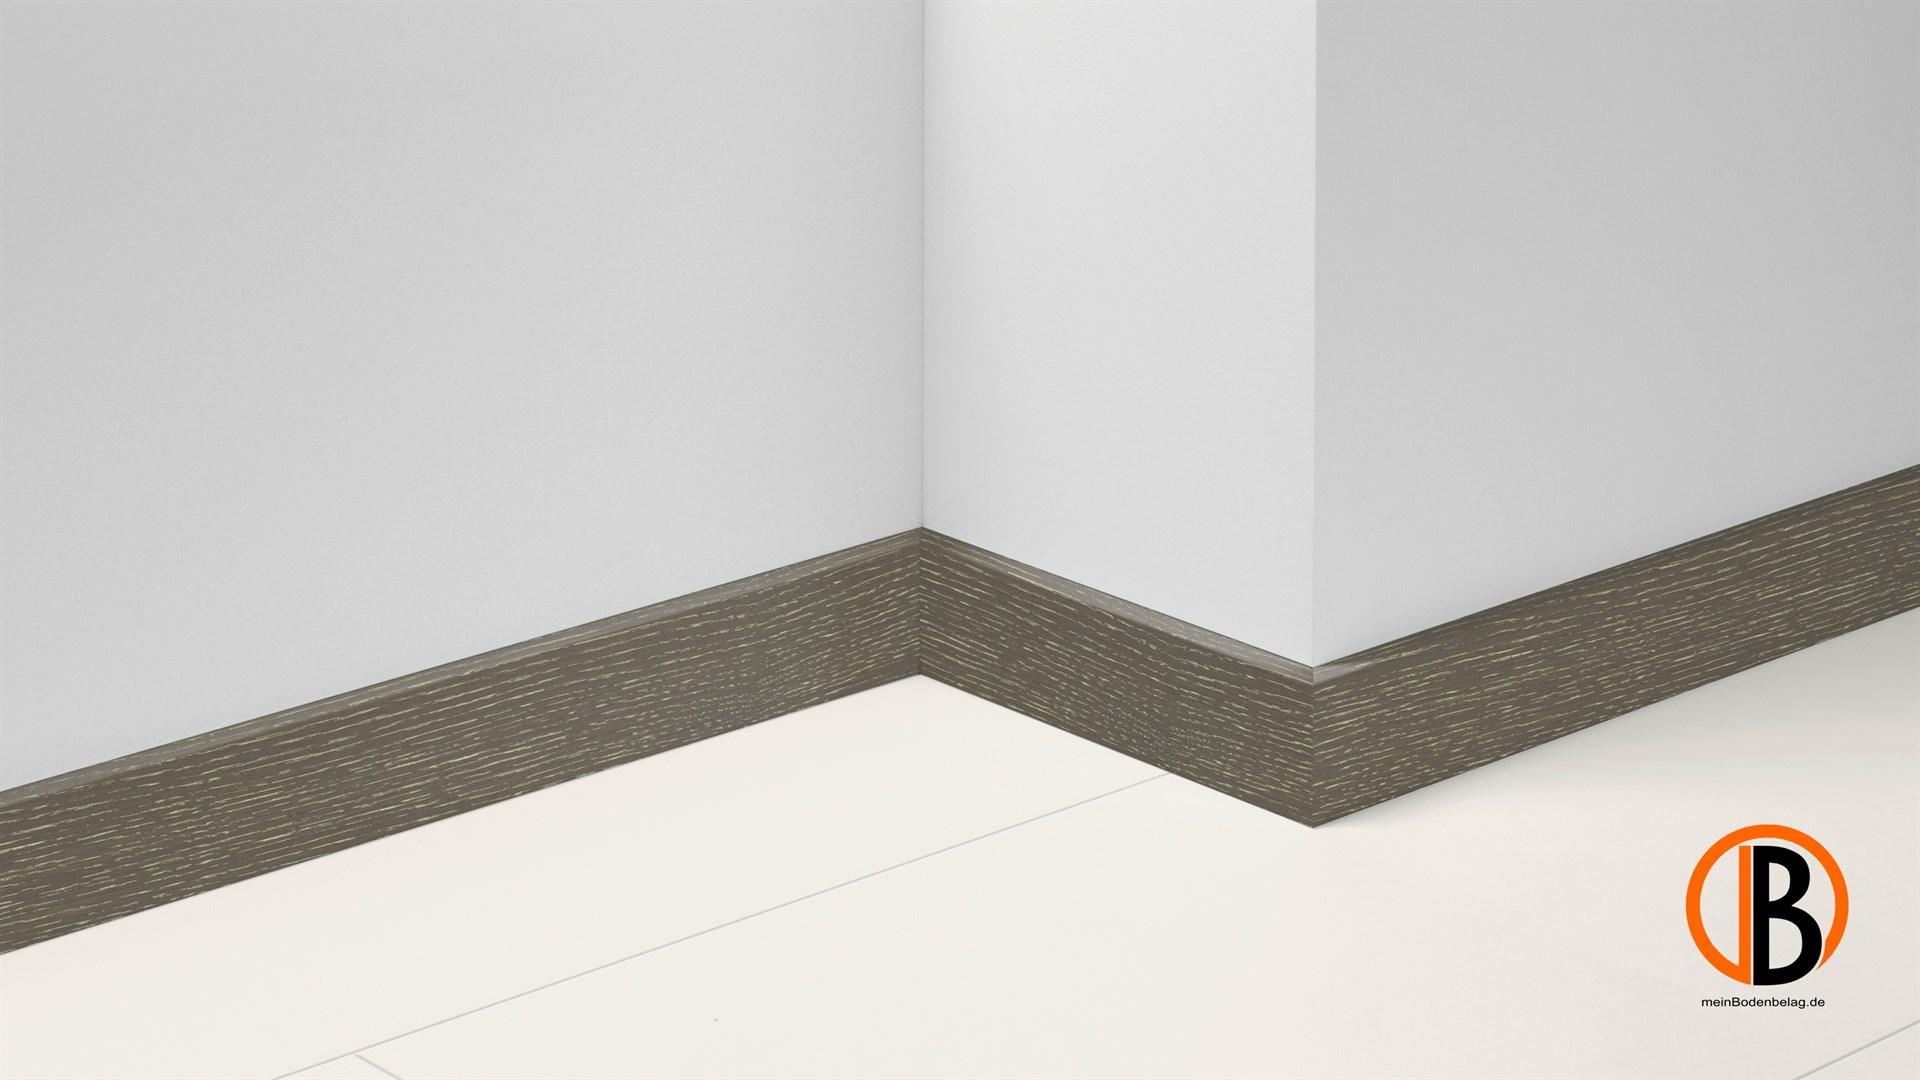 parador echtholz sockelleiste sl 18 eiche grau gek lkt. Black Bedroom Furniture Sets. Home Design Ideas